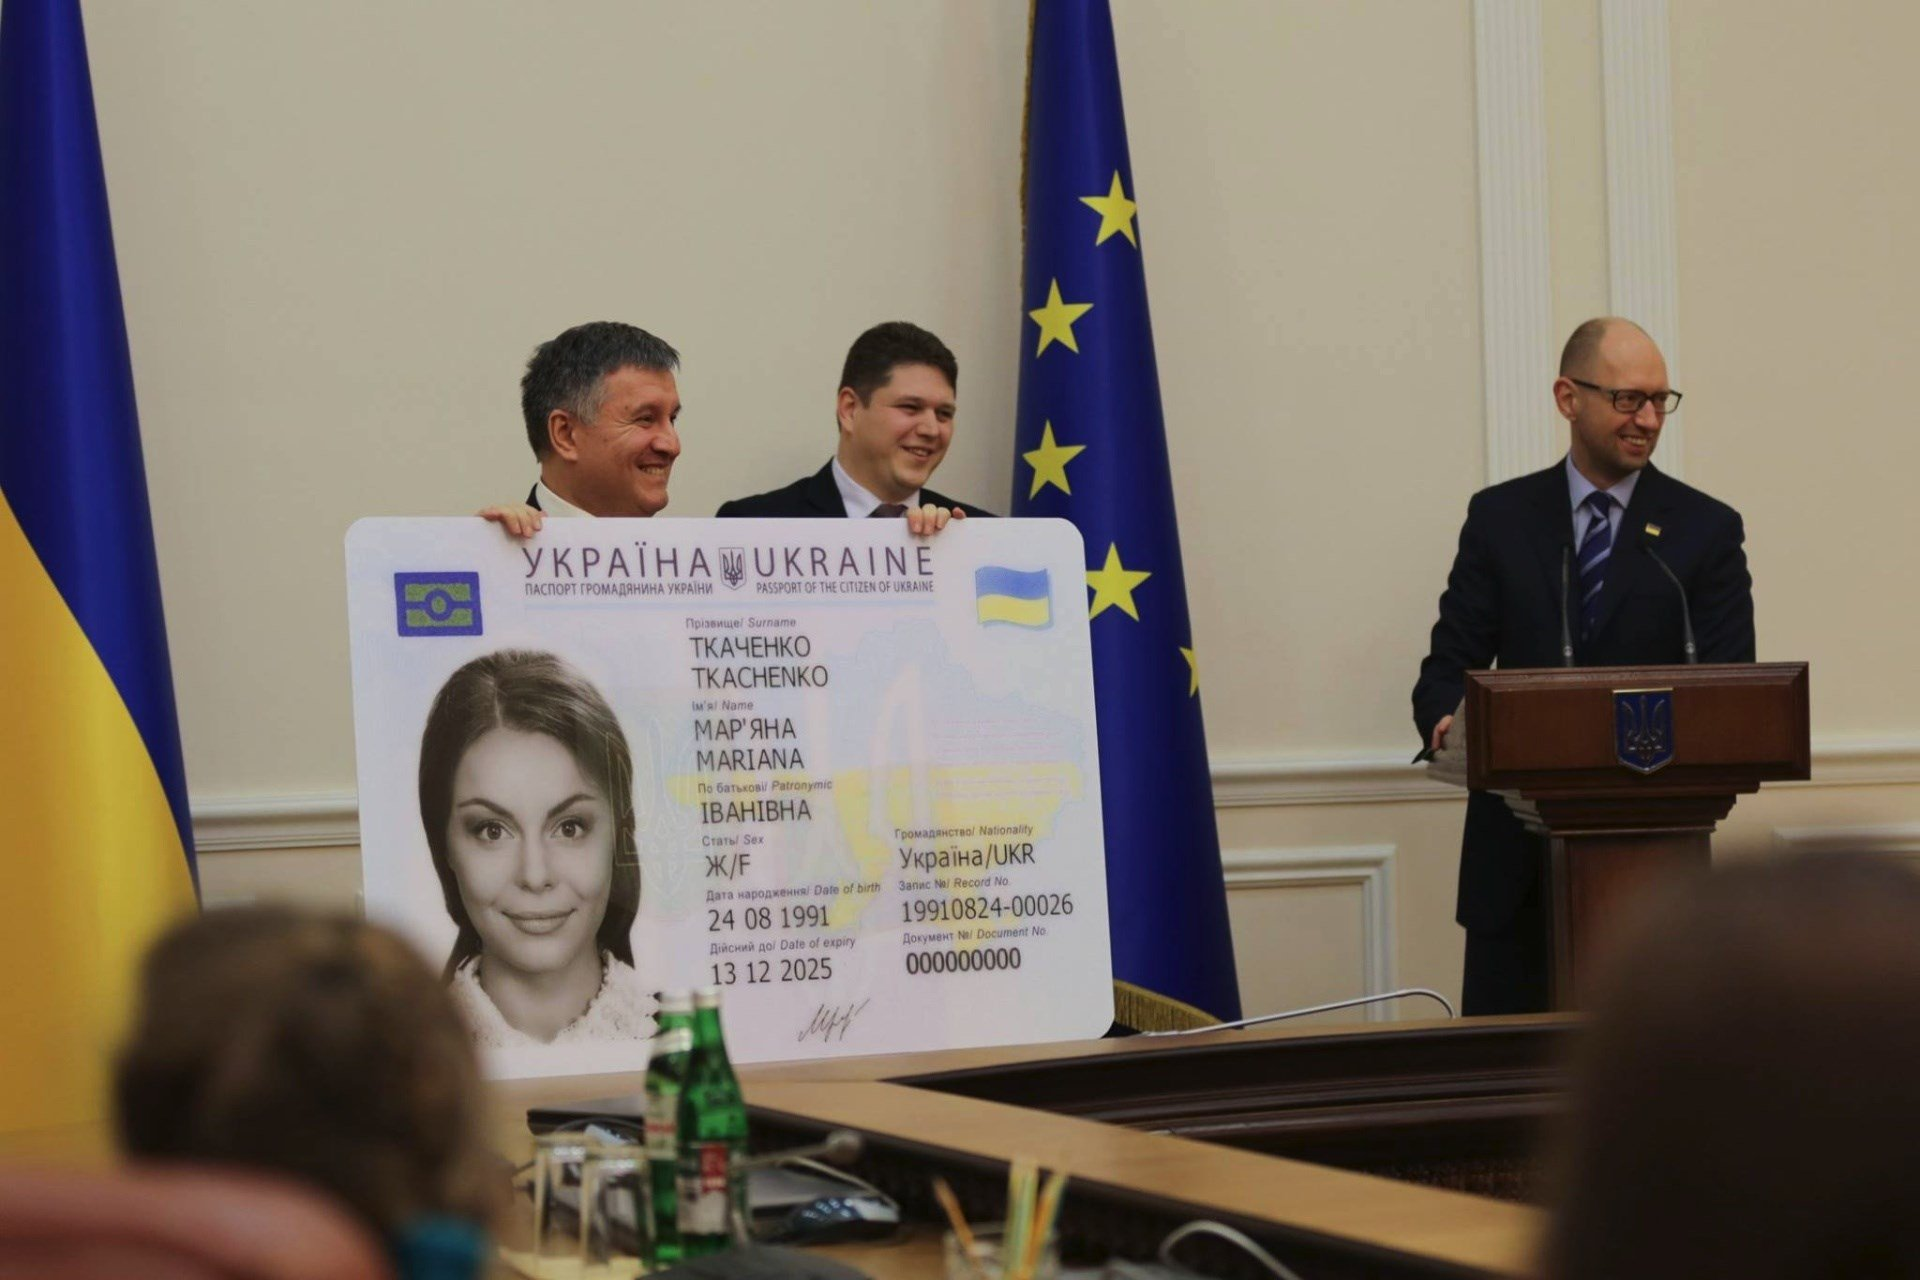 Карту на стол: какие проблемы доставляют украинцам ID-паспорта